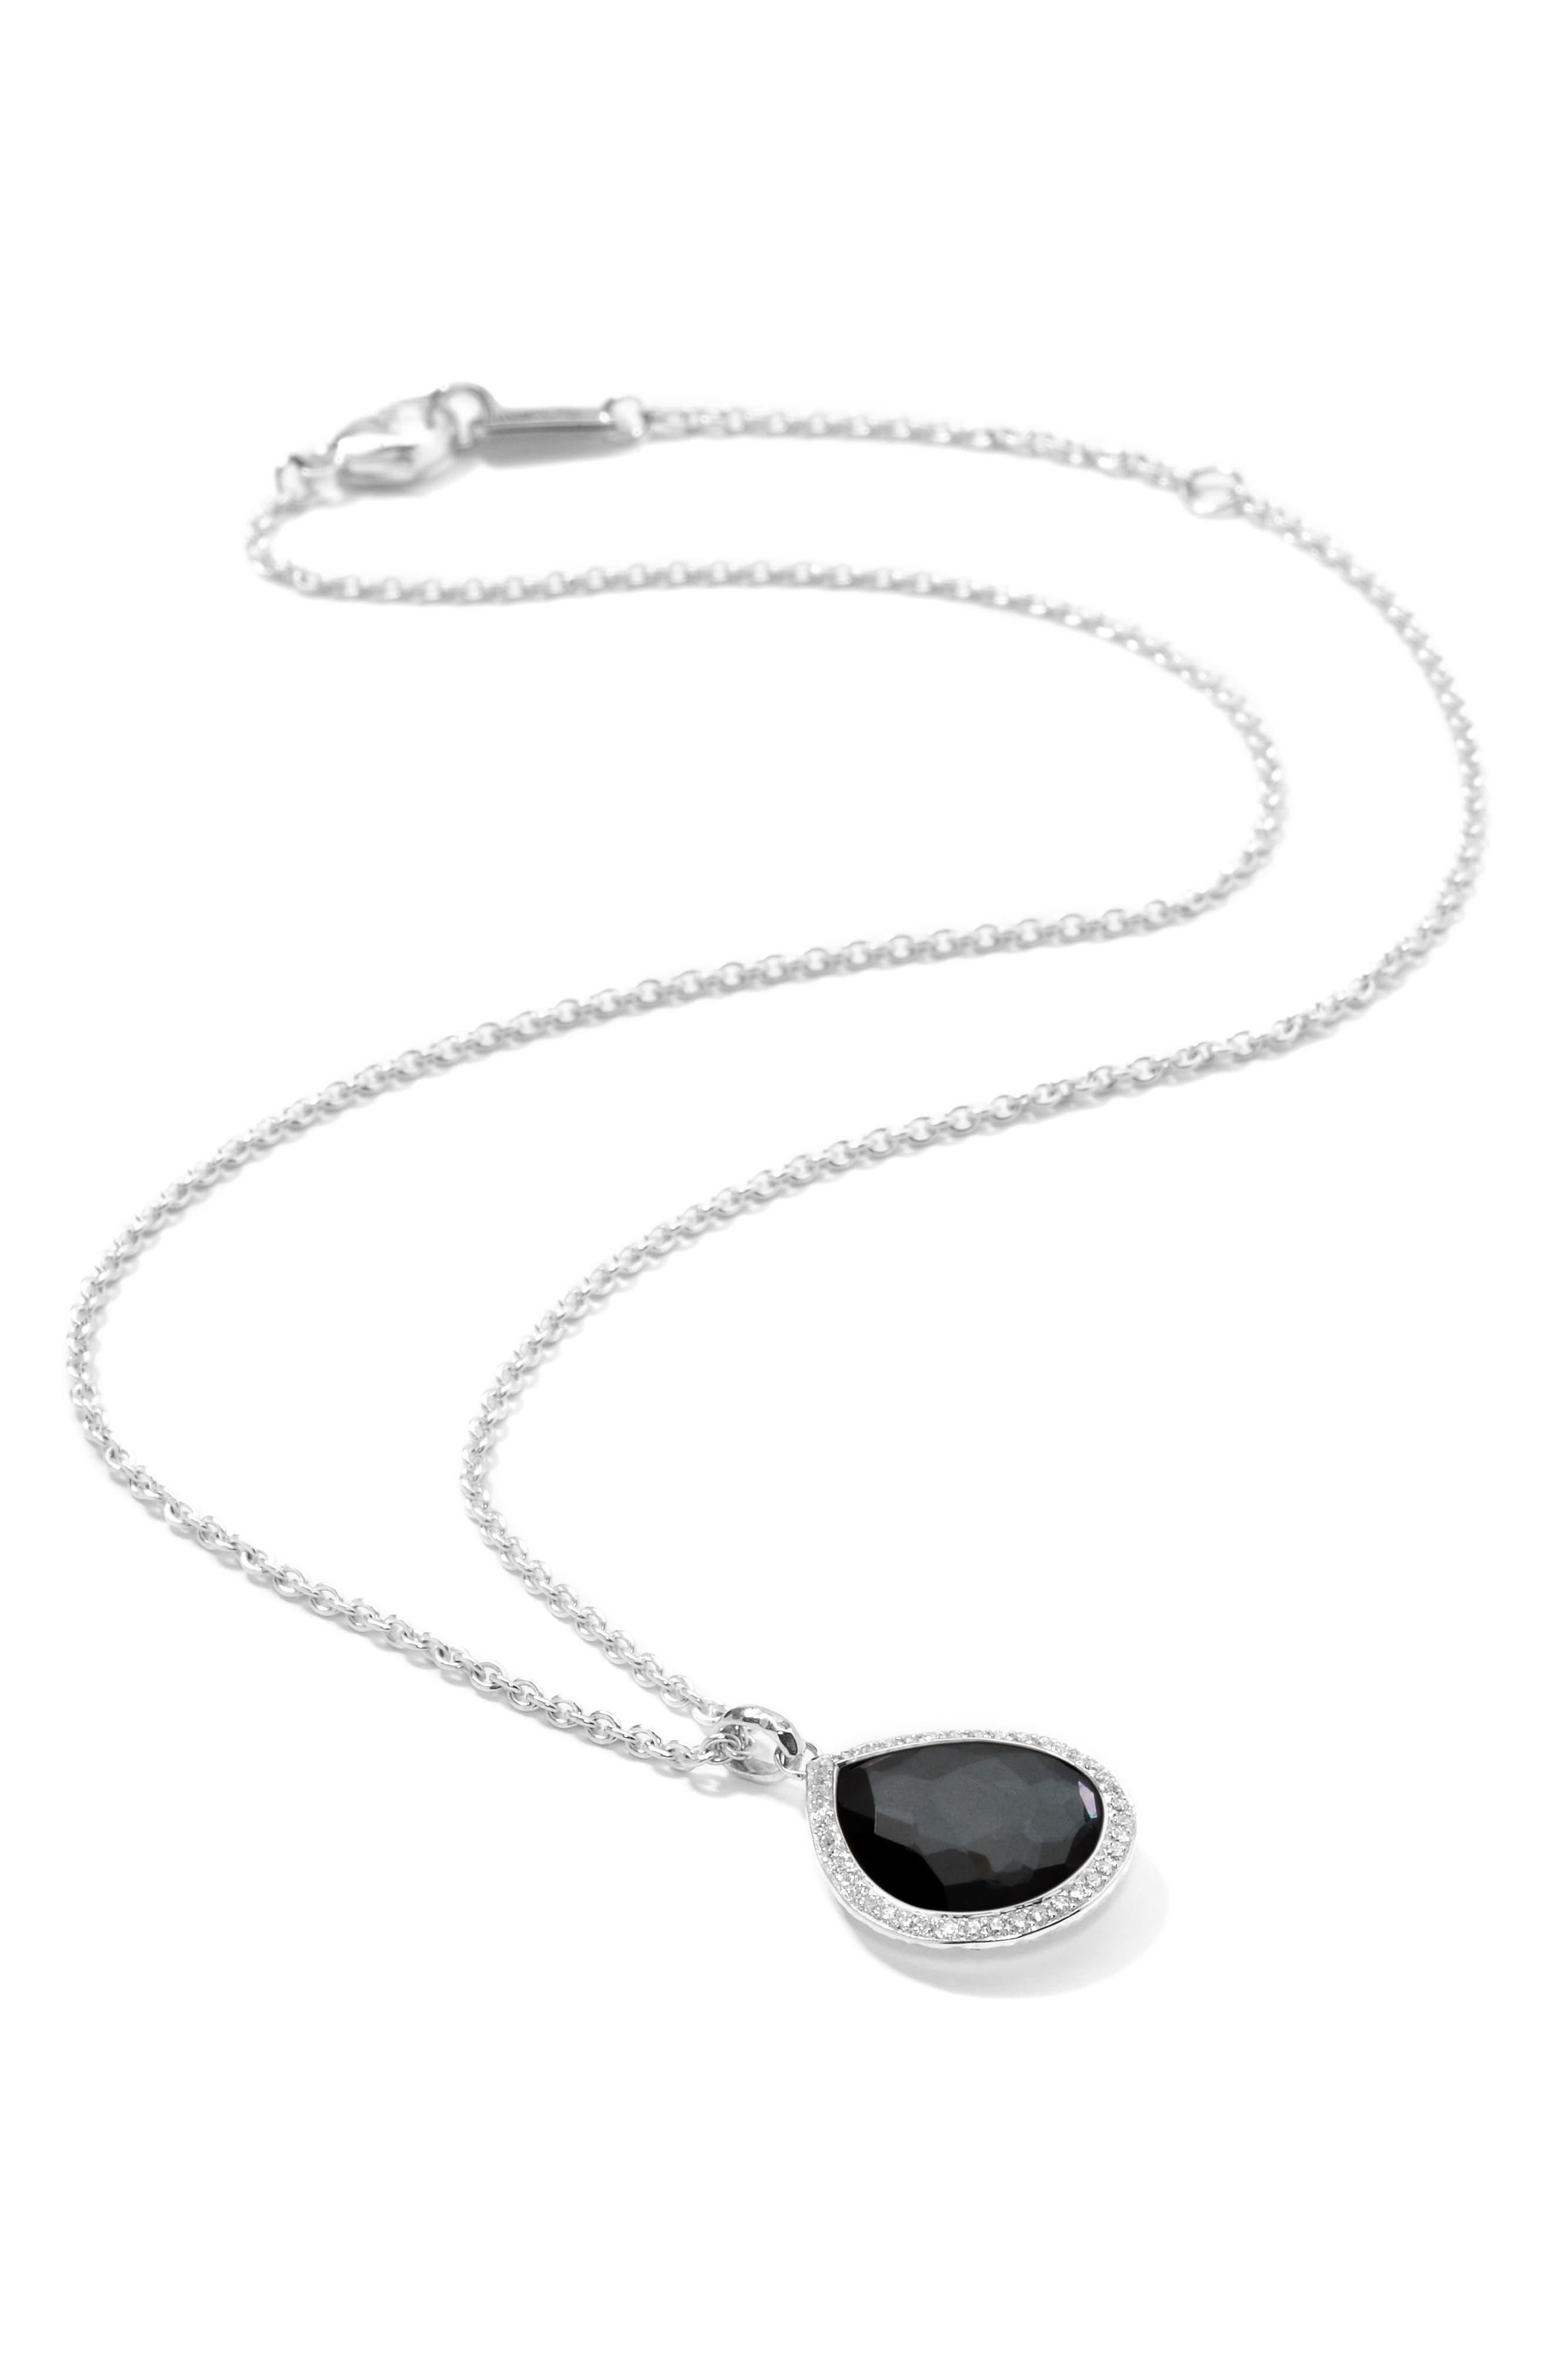 Main Image - Ippolita Lollipop Teardrop Pendant Necklace